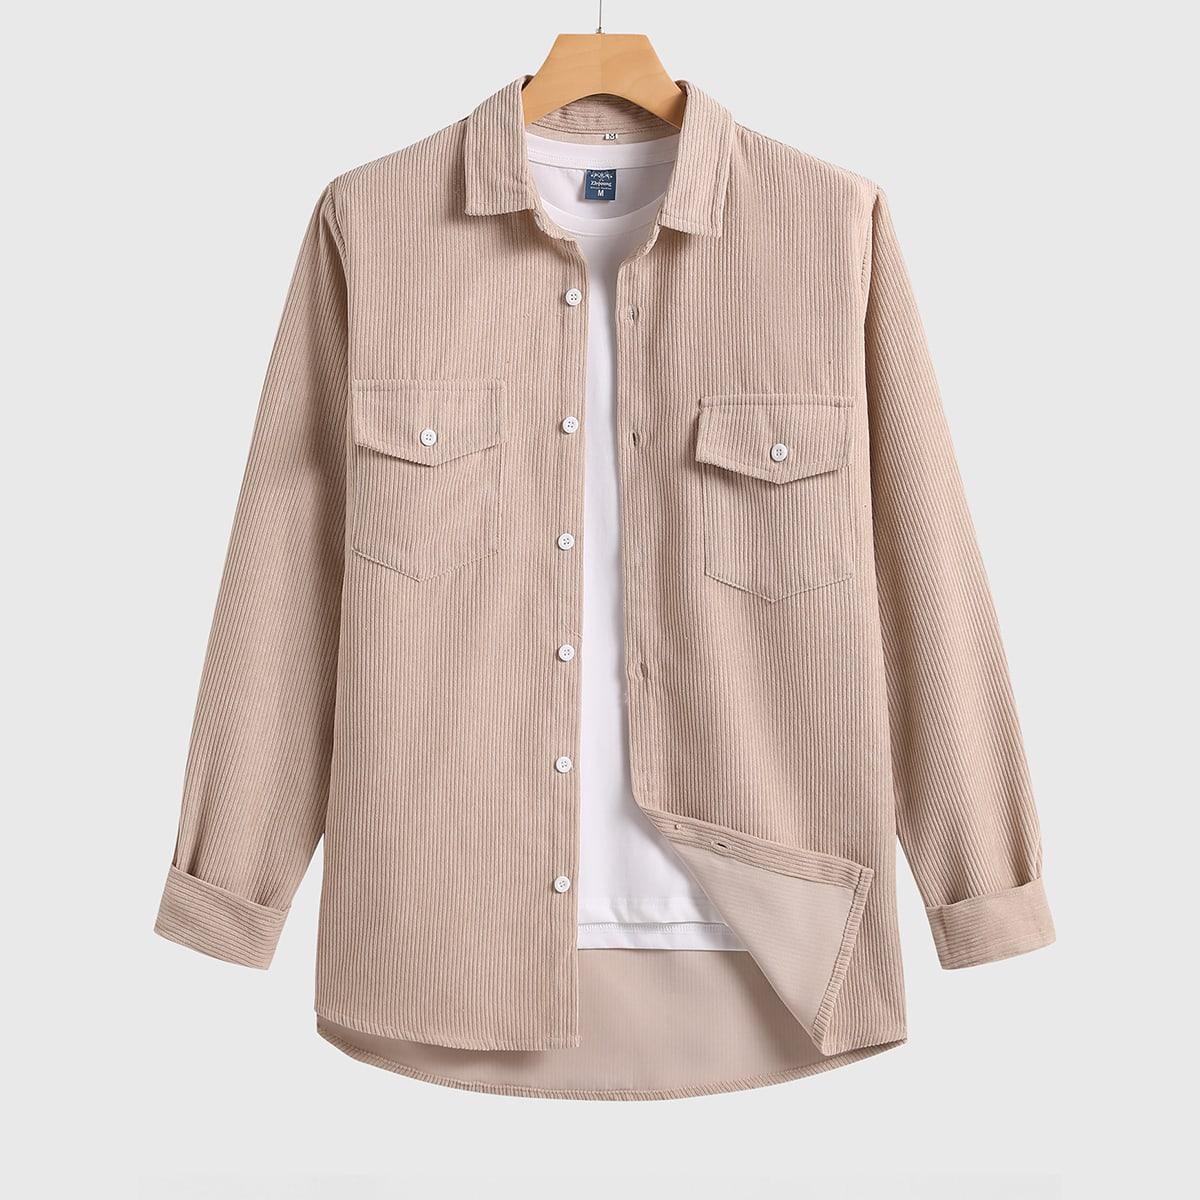 Карман Одноцветный Повседневный Мужские рубашки SheIn smshirt01201214909